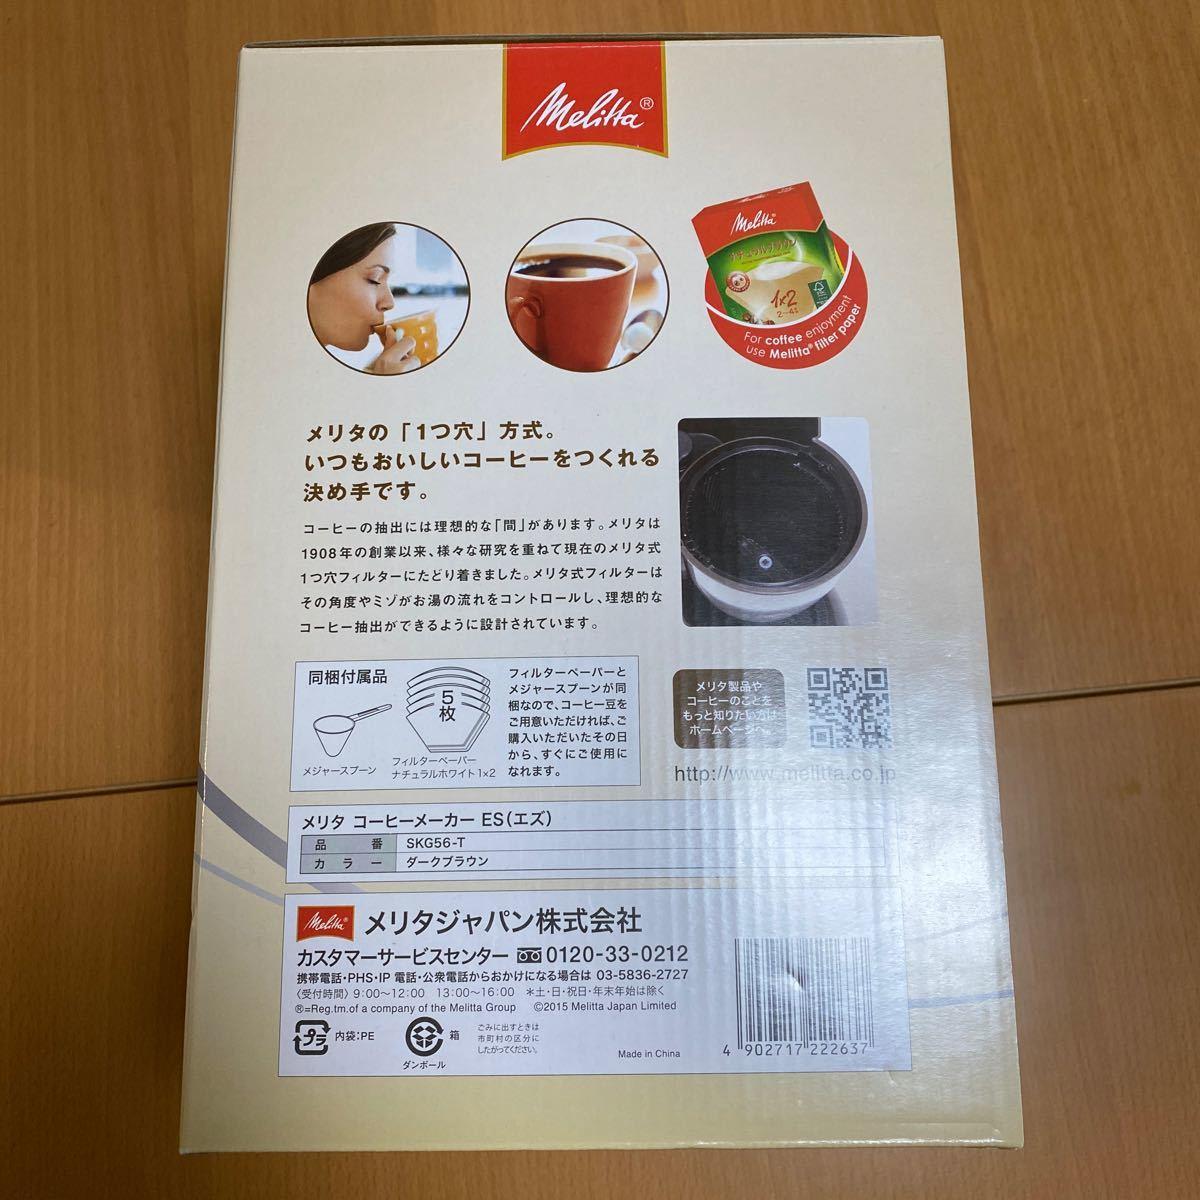 メリタのコーヒーメーカーメリタのコーヒーミル